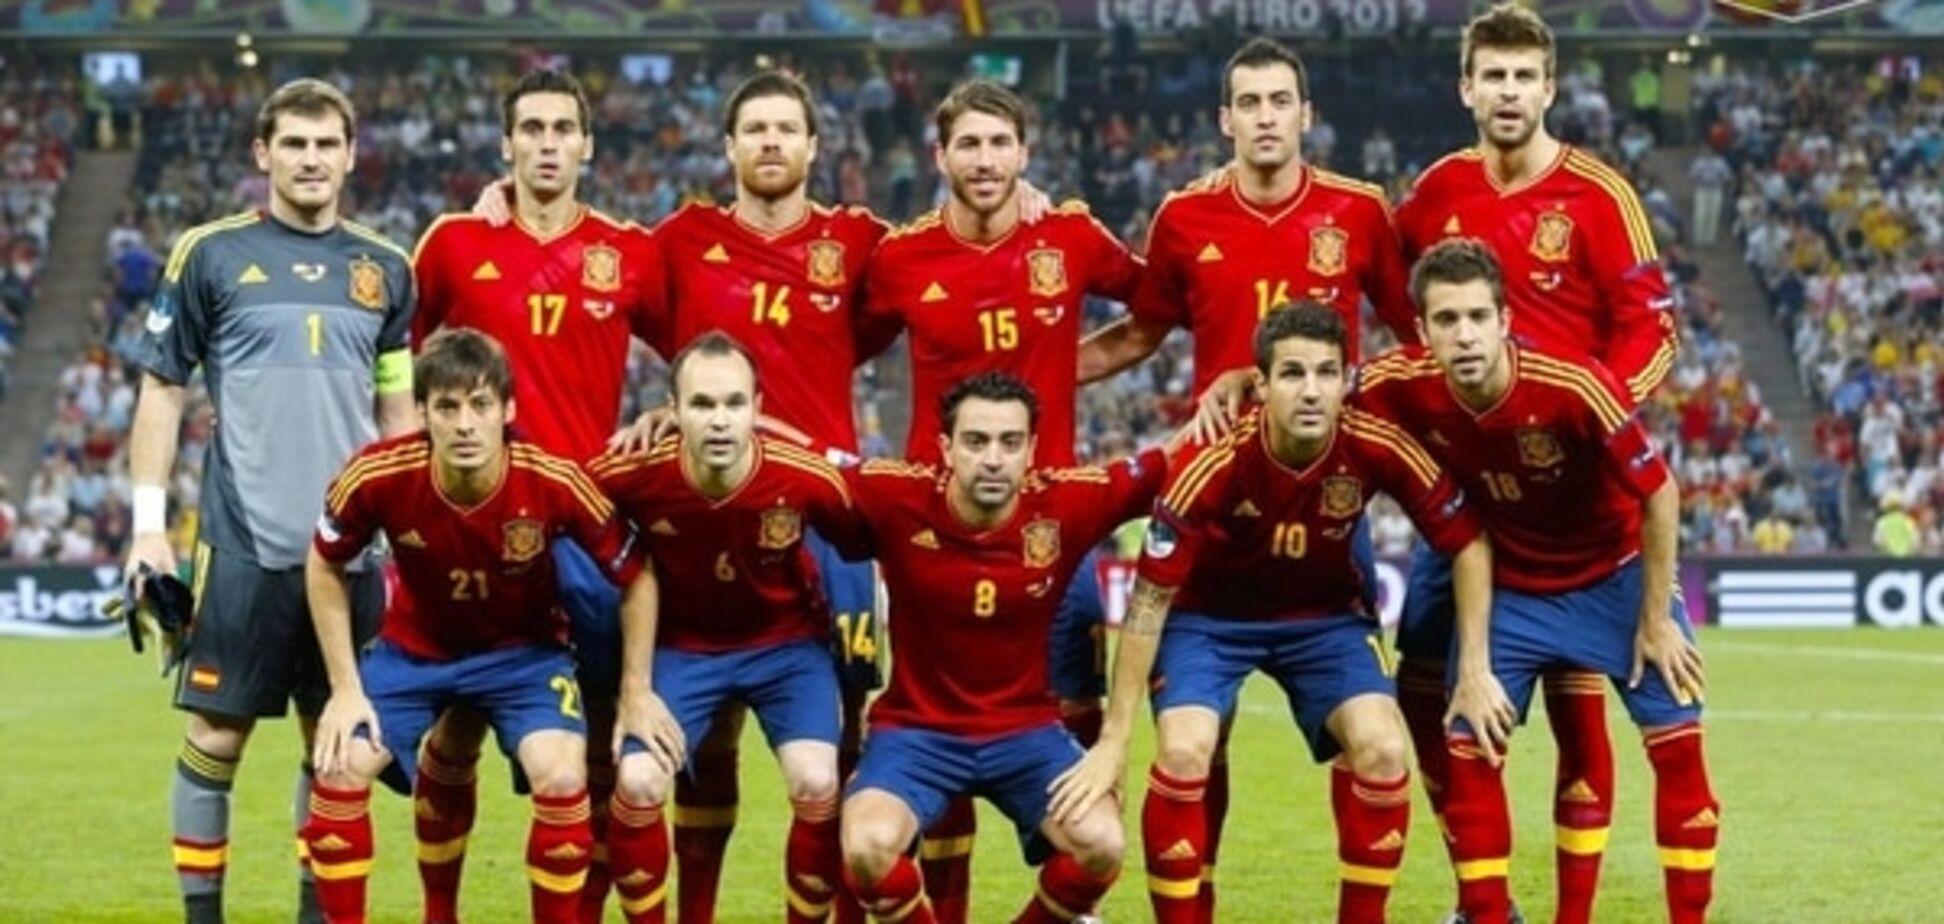 Джедай Моуріньо: найяскравіші фотожаби на матч Євро-2016 Україна - Іспанія